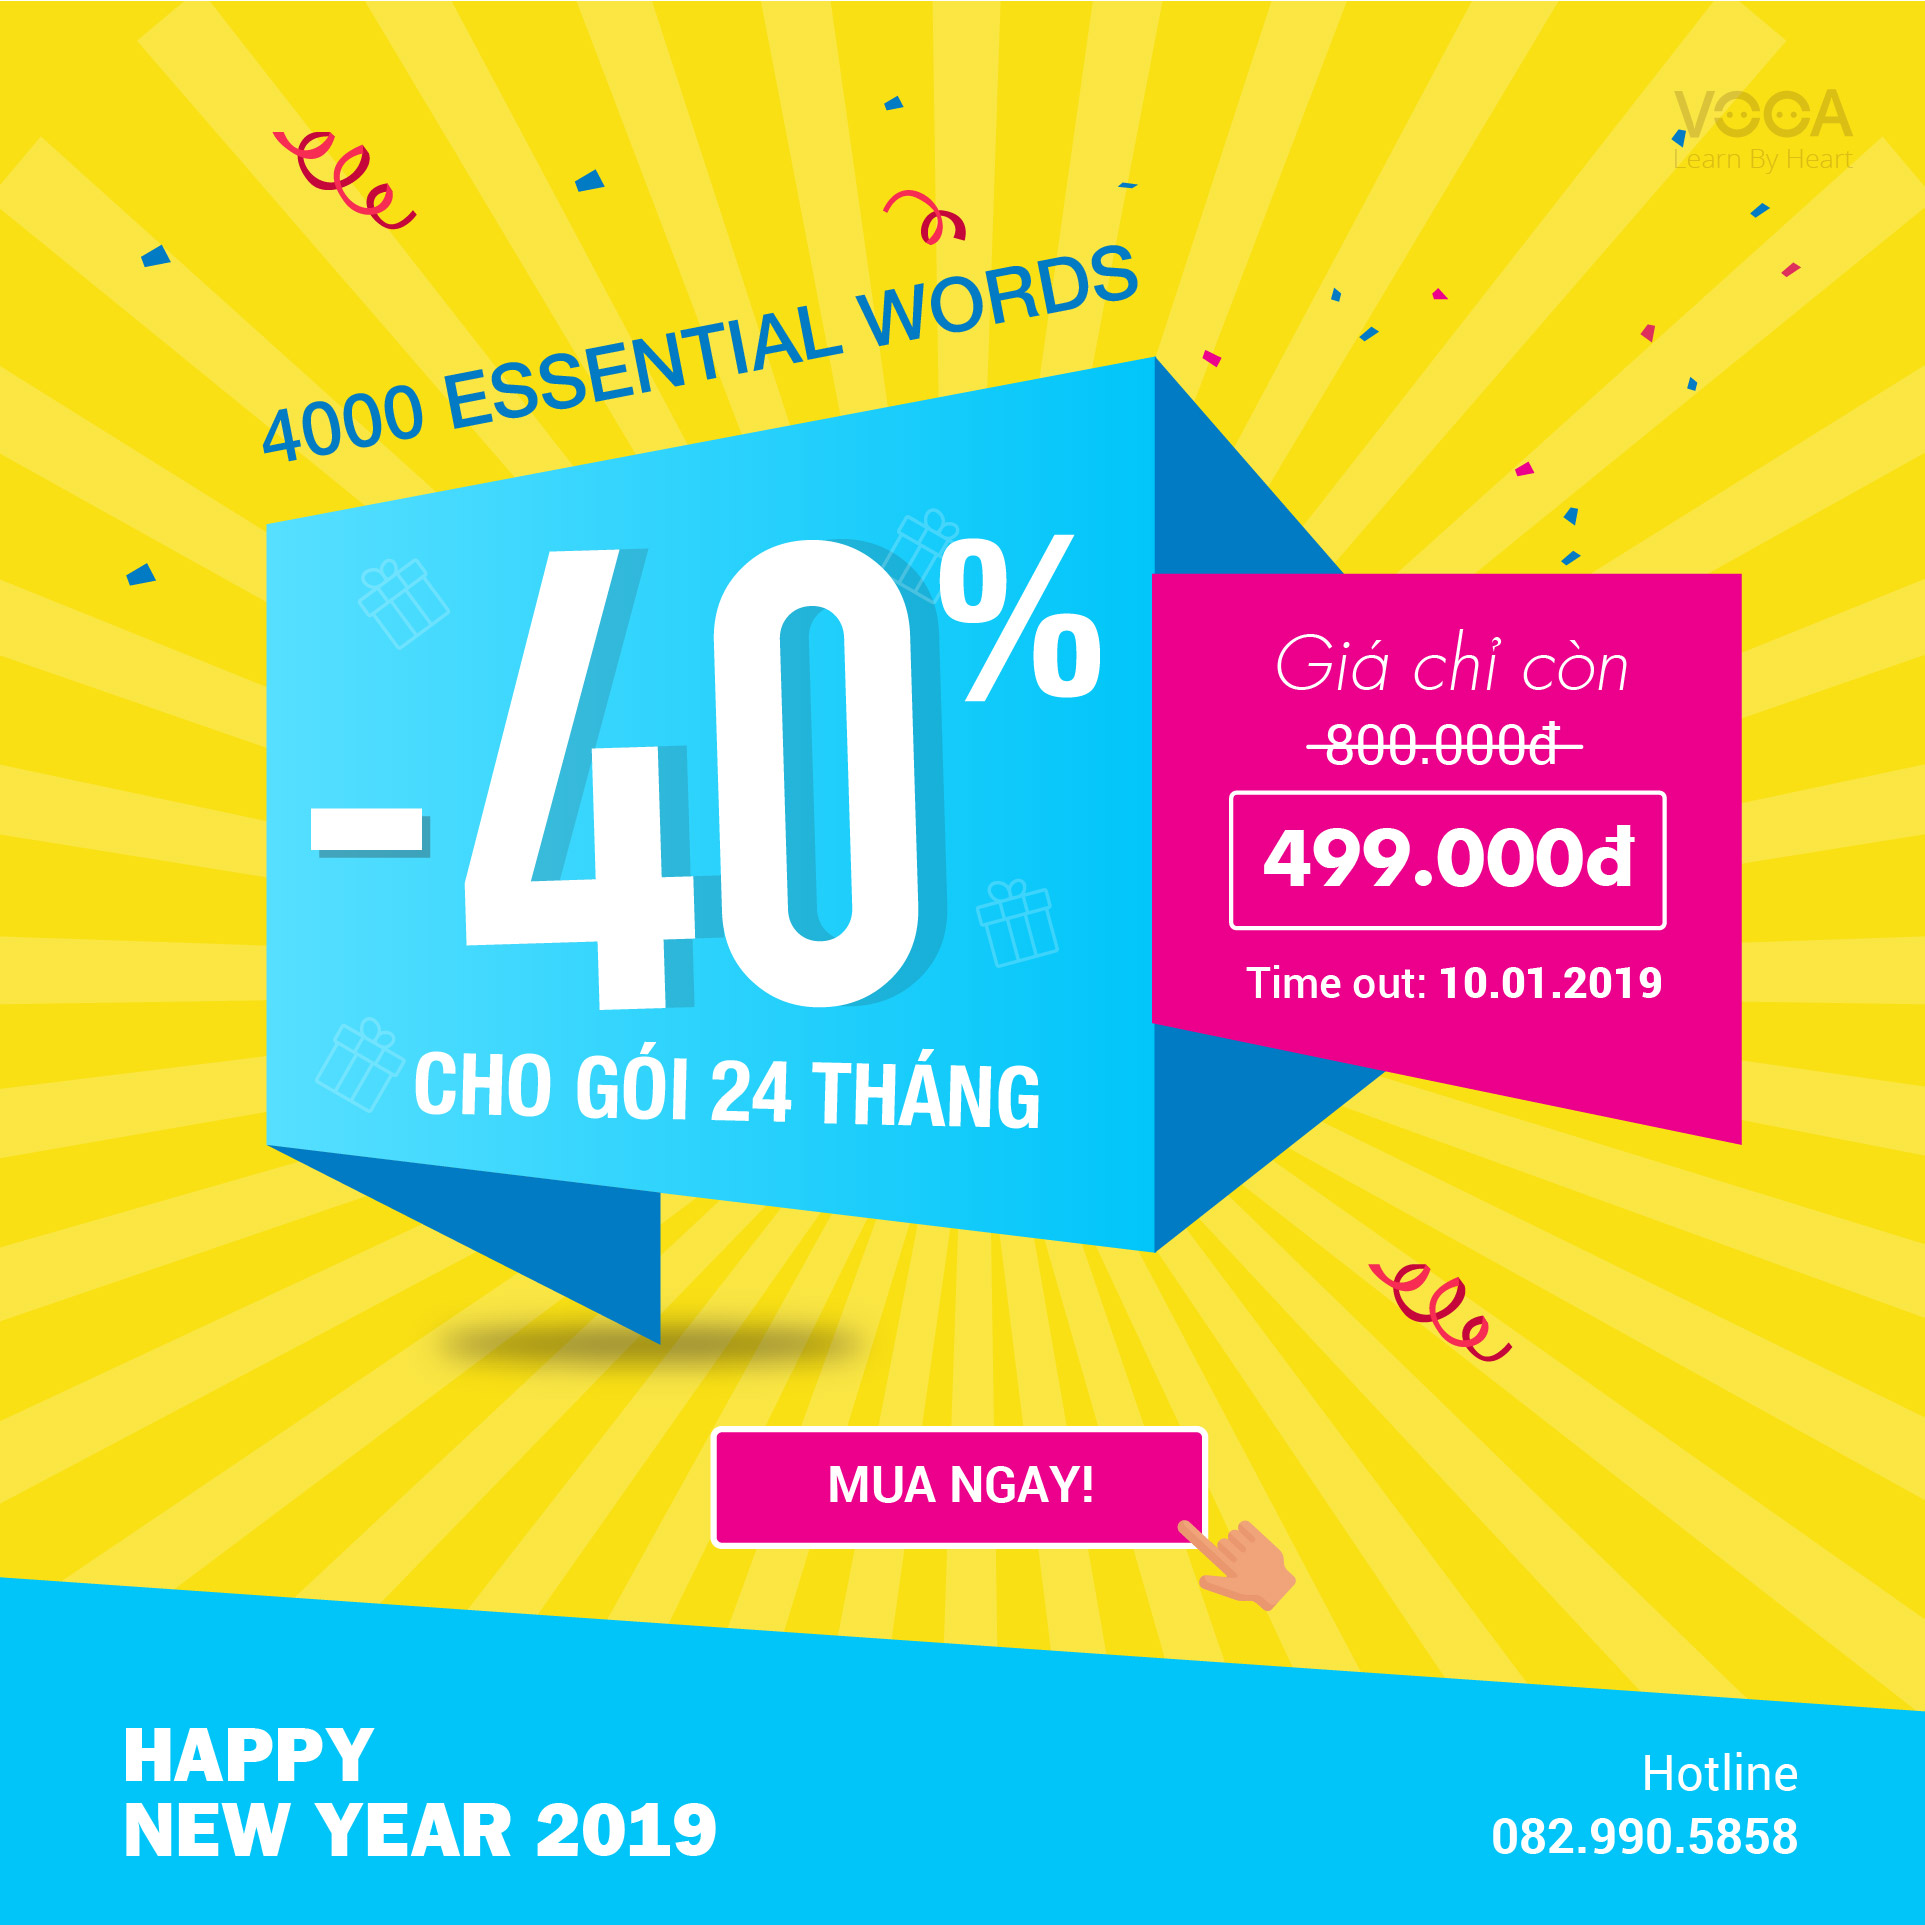 4000 essential words gw